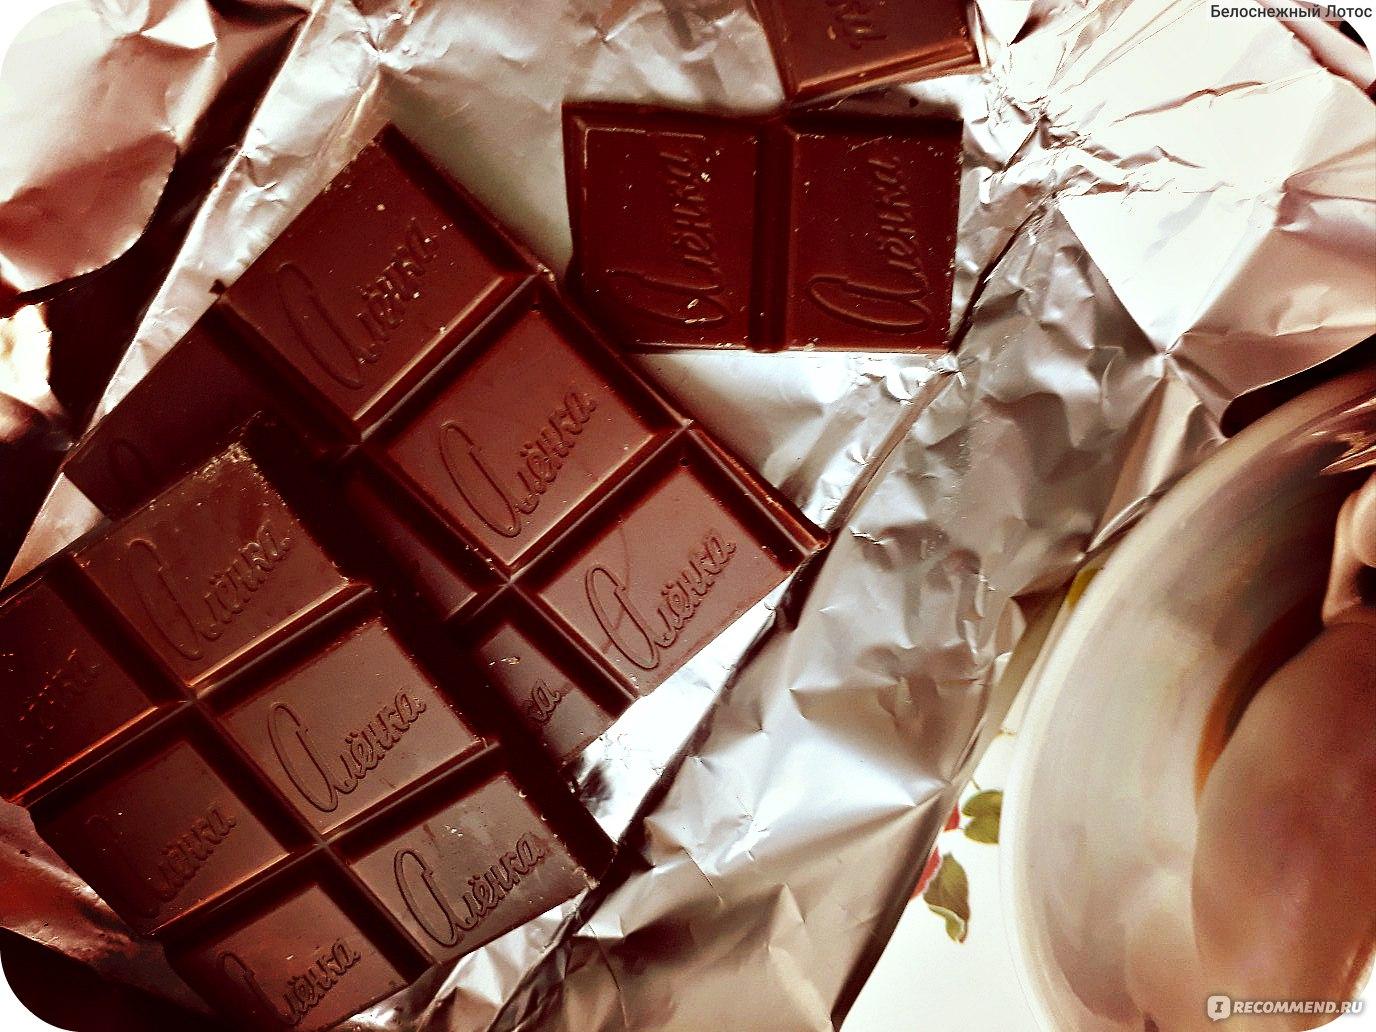 Разгрузочный день на шоколаде – отзывы и результаты